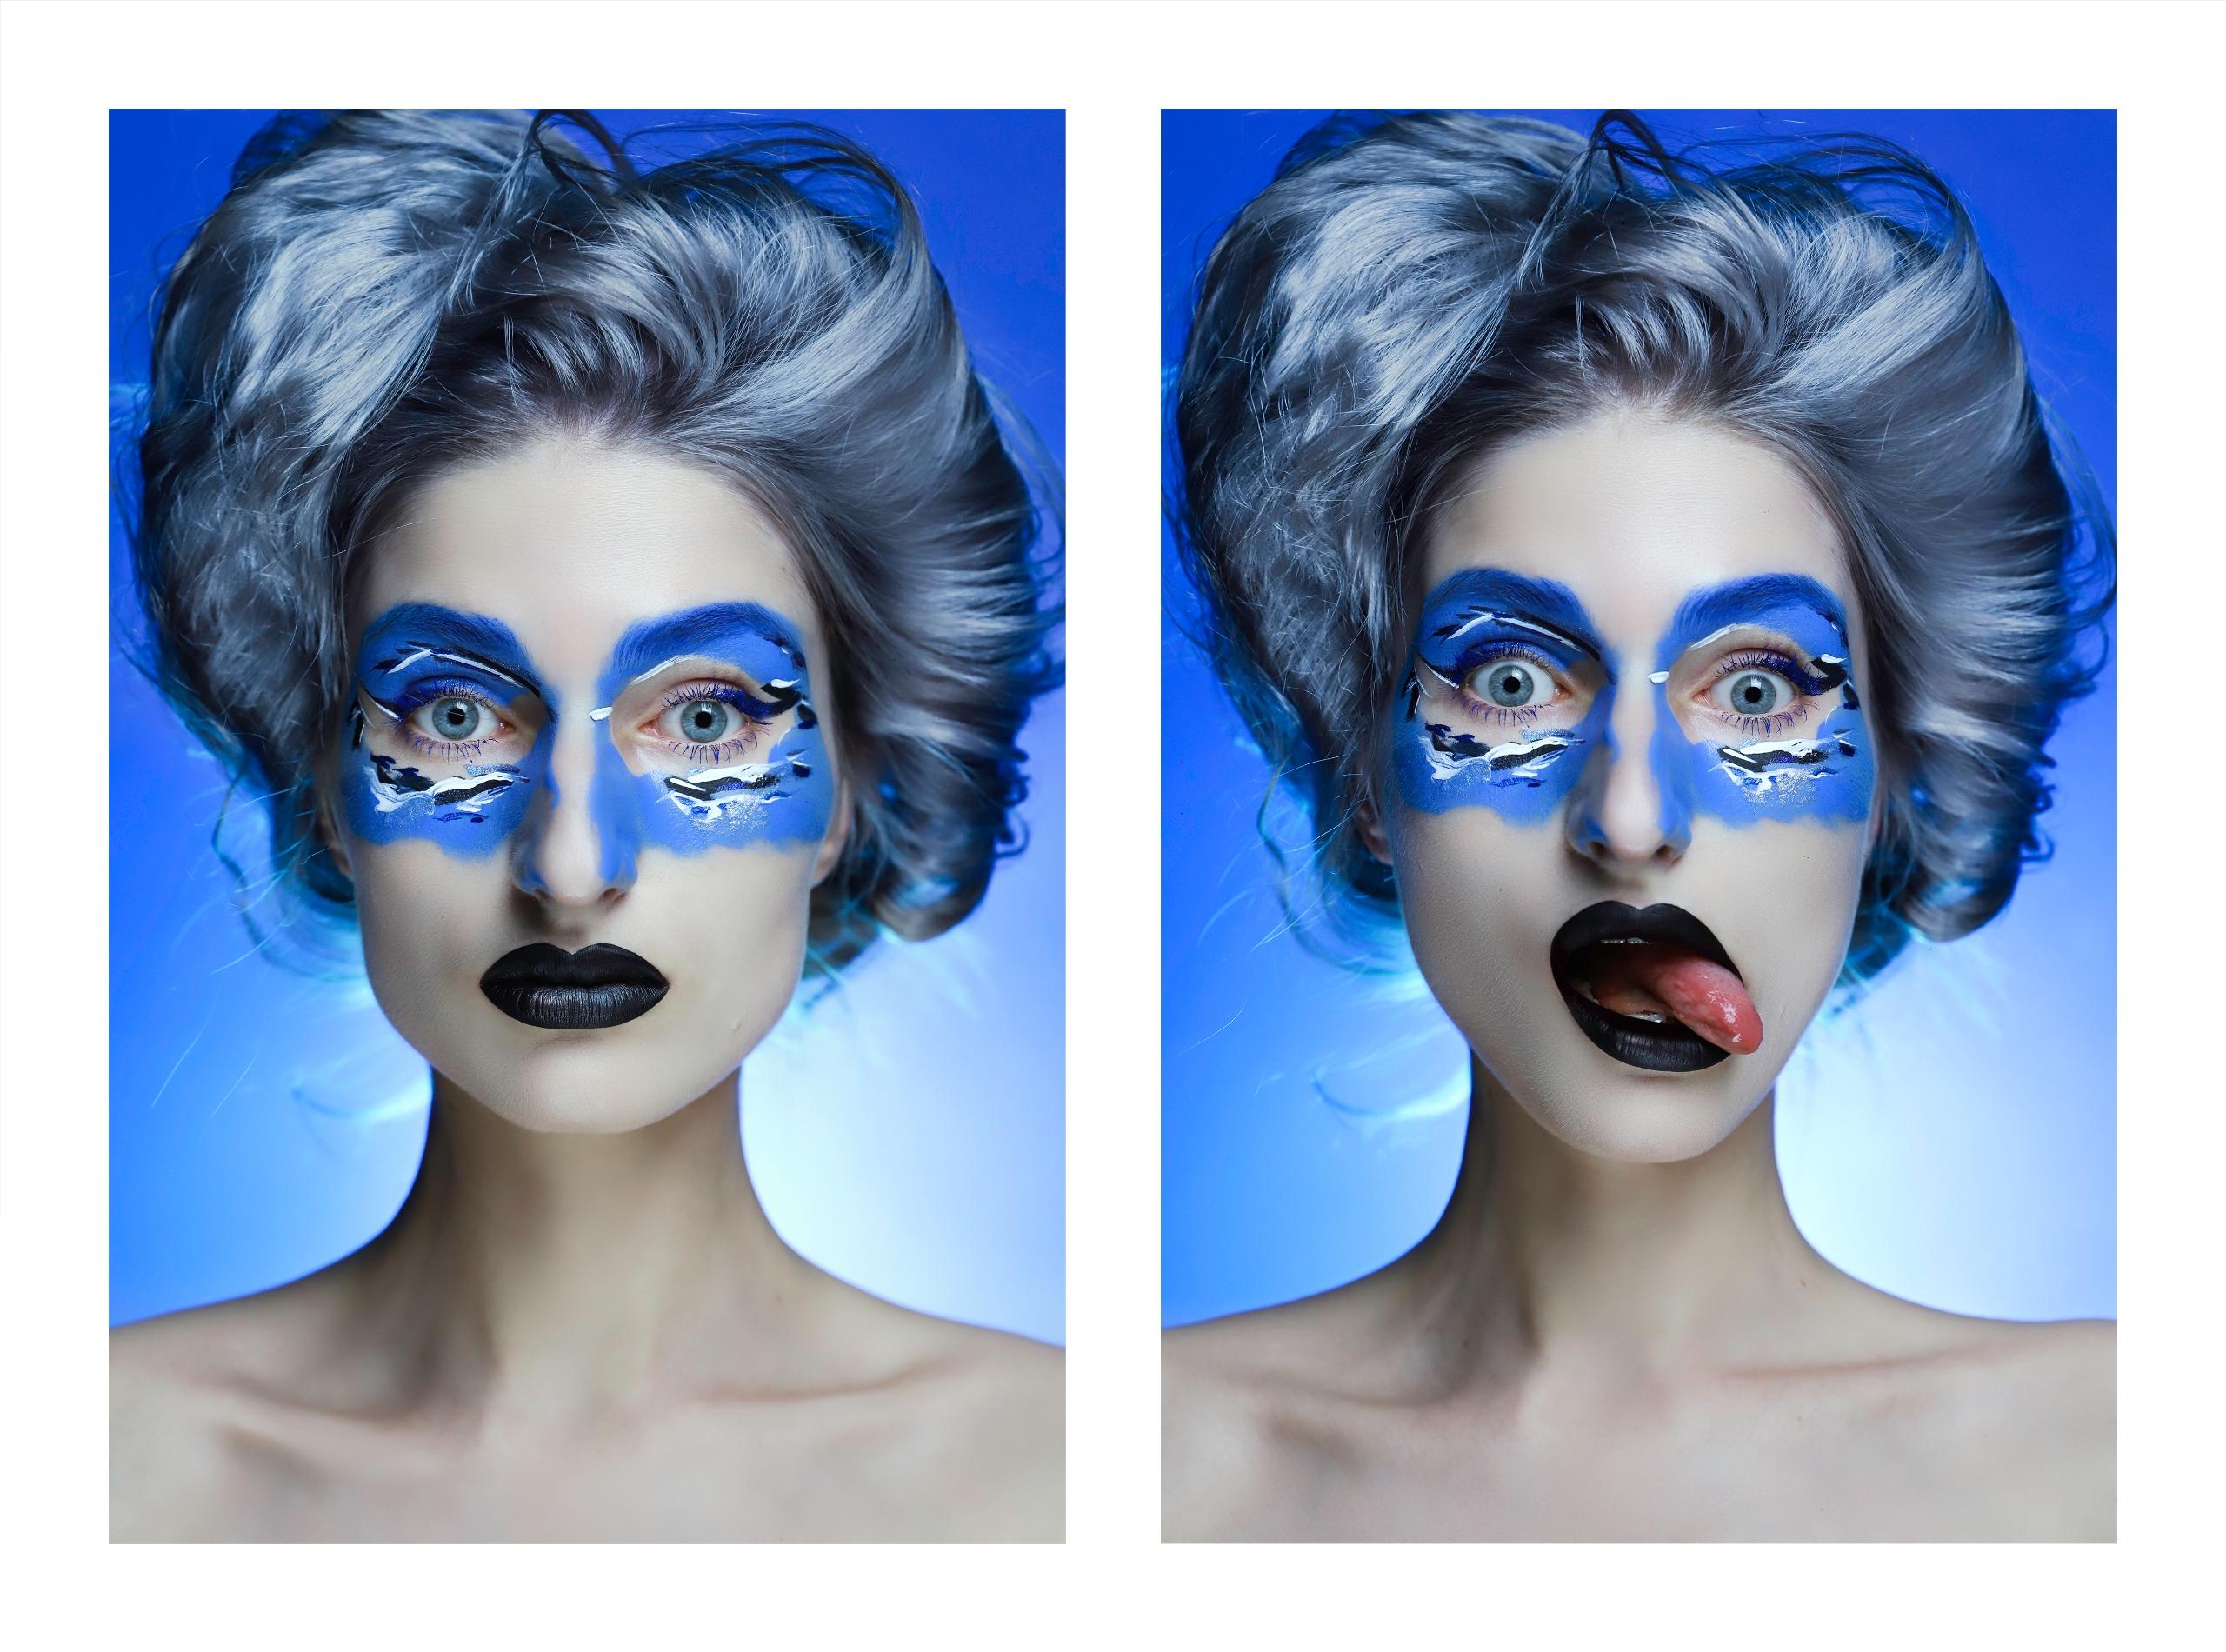 Obraz przedstawia dwa zdjęcia popiersia kobiety w artystycznym makijażu na niebieskim tle.